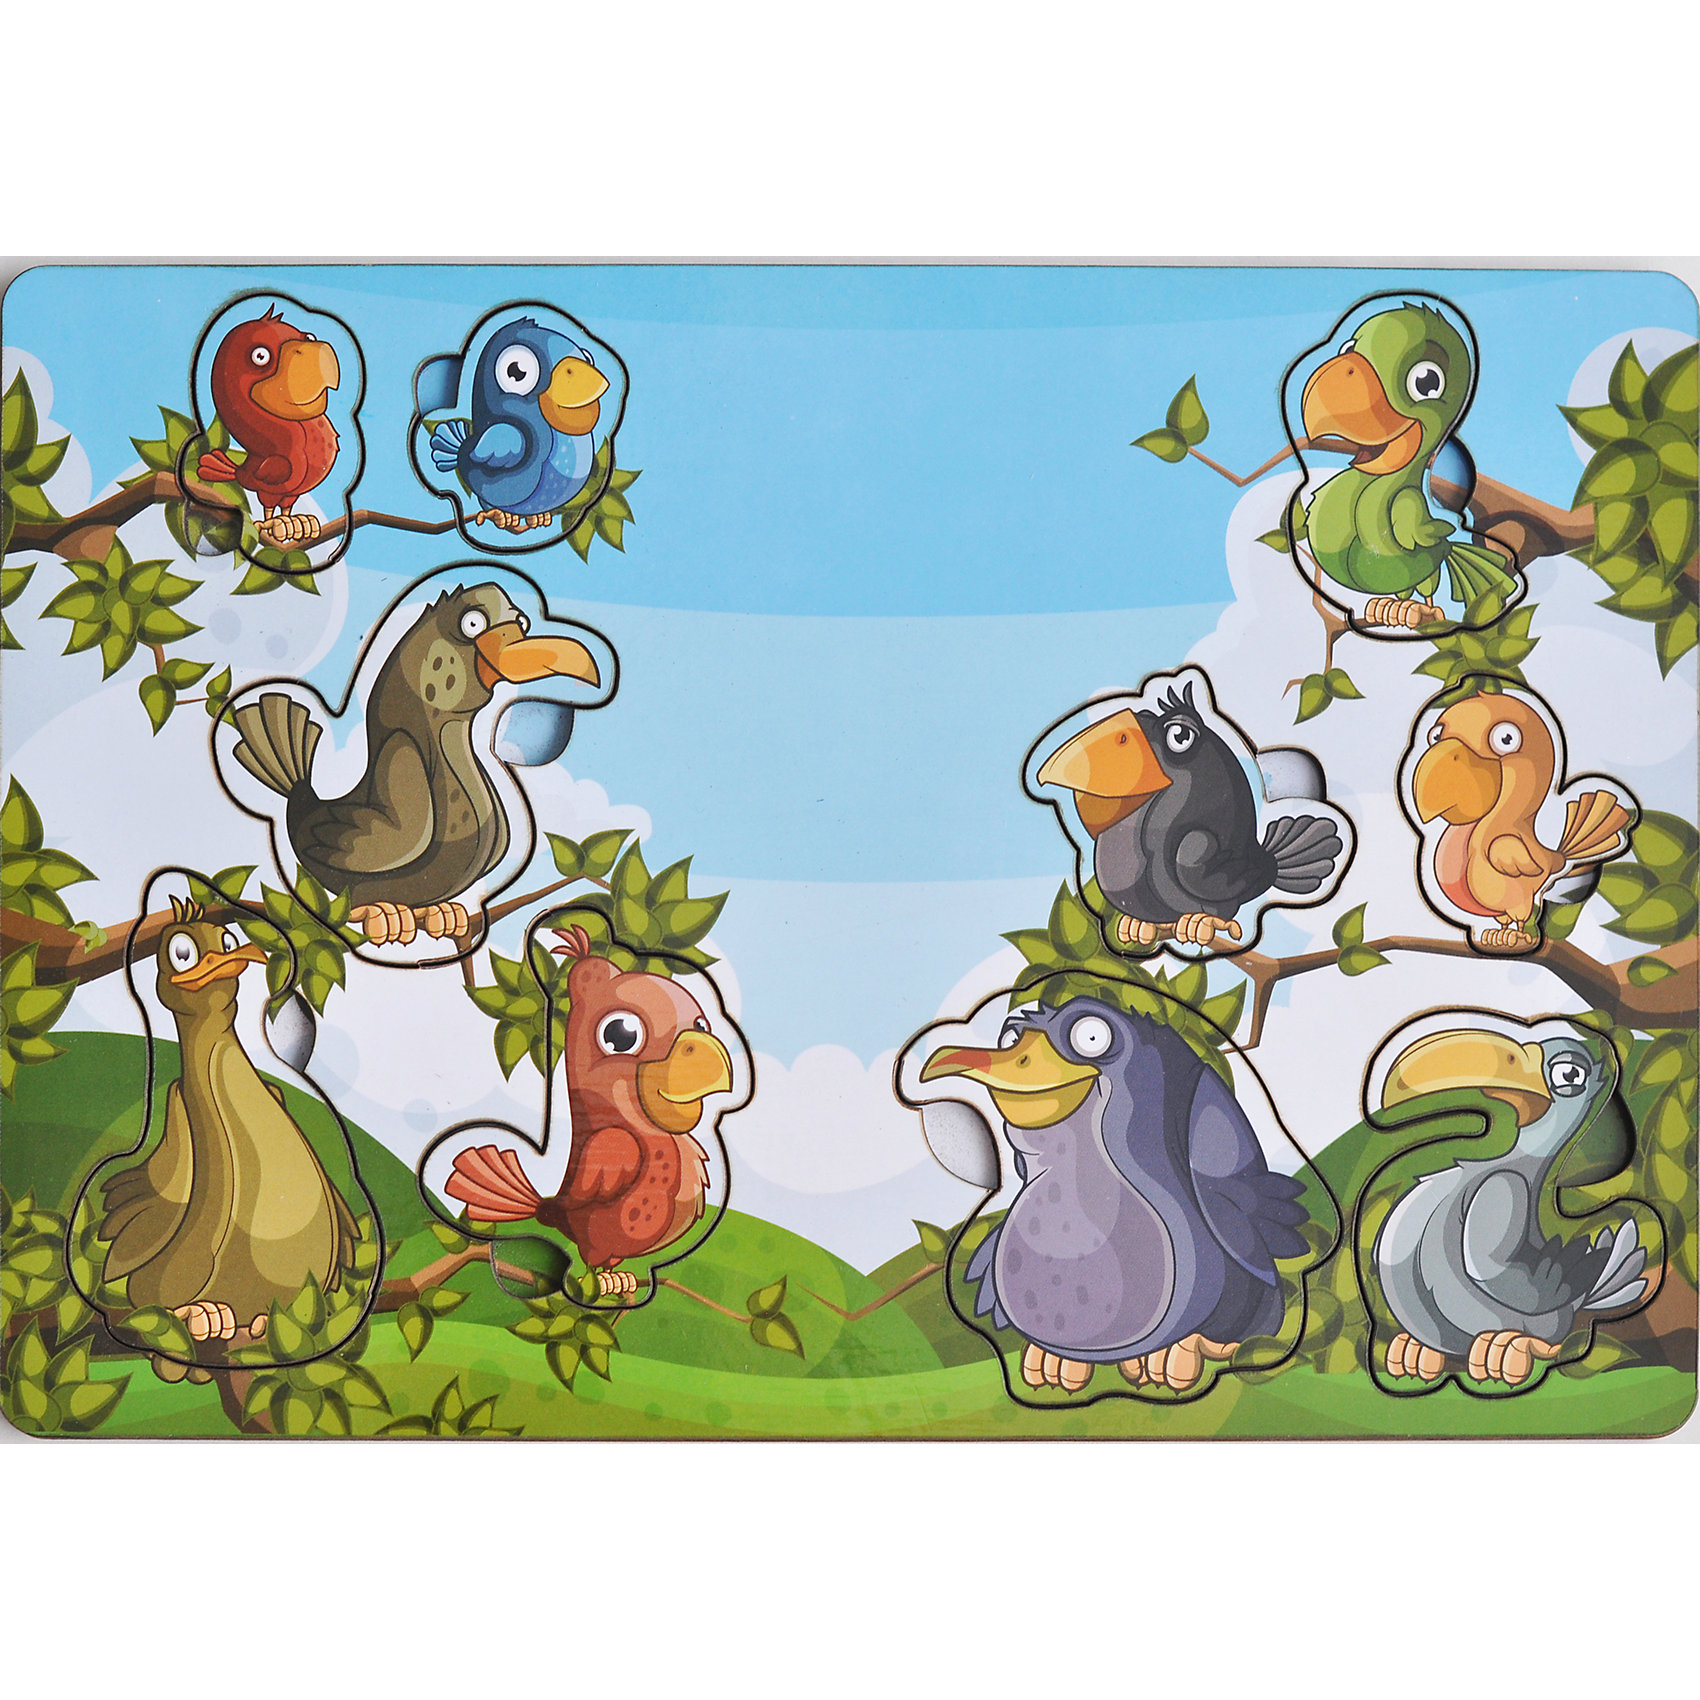 Развивающая рамка-вкладыш  «Веселые птахи», Мастер игрушекВеселые птахи - яркая рамка-вкладыш, с помощью которого ребенок познакомится с забавными птичками, рассмотрит их, вытащив из ячеек и найдет им свой домик, вставив их обратно. Яркая картинка понравится малышу, а игра поможет развить мелкую моторику, координацию и обогатить словарный запас.<br><br>Дополнительная информация:<br>В комплекте: 10 вкладышей, рамка<br>Материал: дерево<br>Размер: 0,5х19,5х28 см<br>Вес: 260 грамм<br>Вы можете купить рамку-вкладыш Веселые птахи в нашем интернет-магазине.<br><br>Ширина мм: 280<br>Глубина мм: 5<br>Высота мм: 195<br>Вес г: 260<br>Возраст от месяцев: 36<br>Возраст до месяцев: 120<br>Пол: Унисекс<br>Возраст: Детский<br>SKU: 4953658